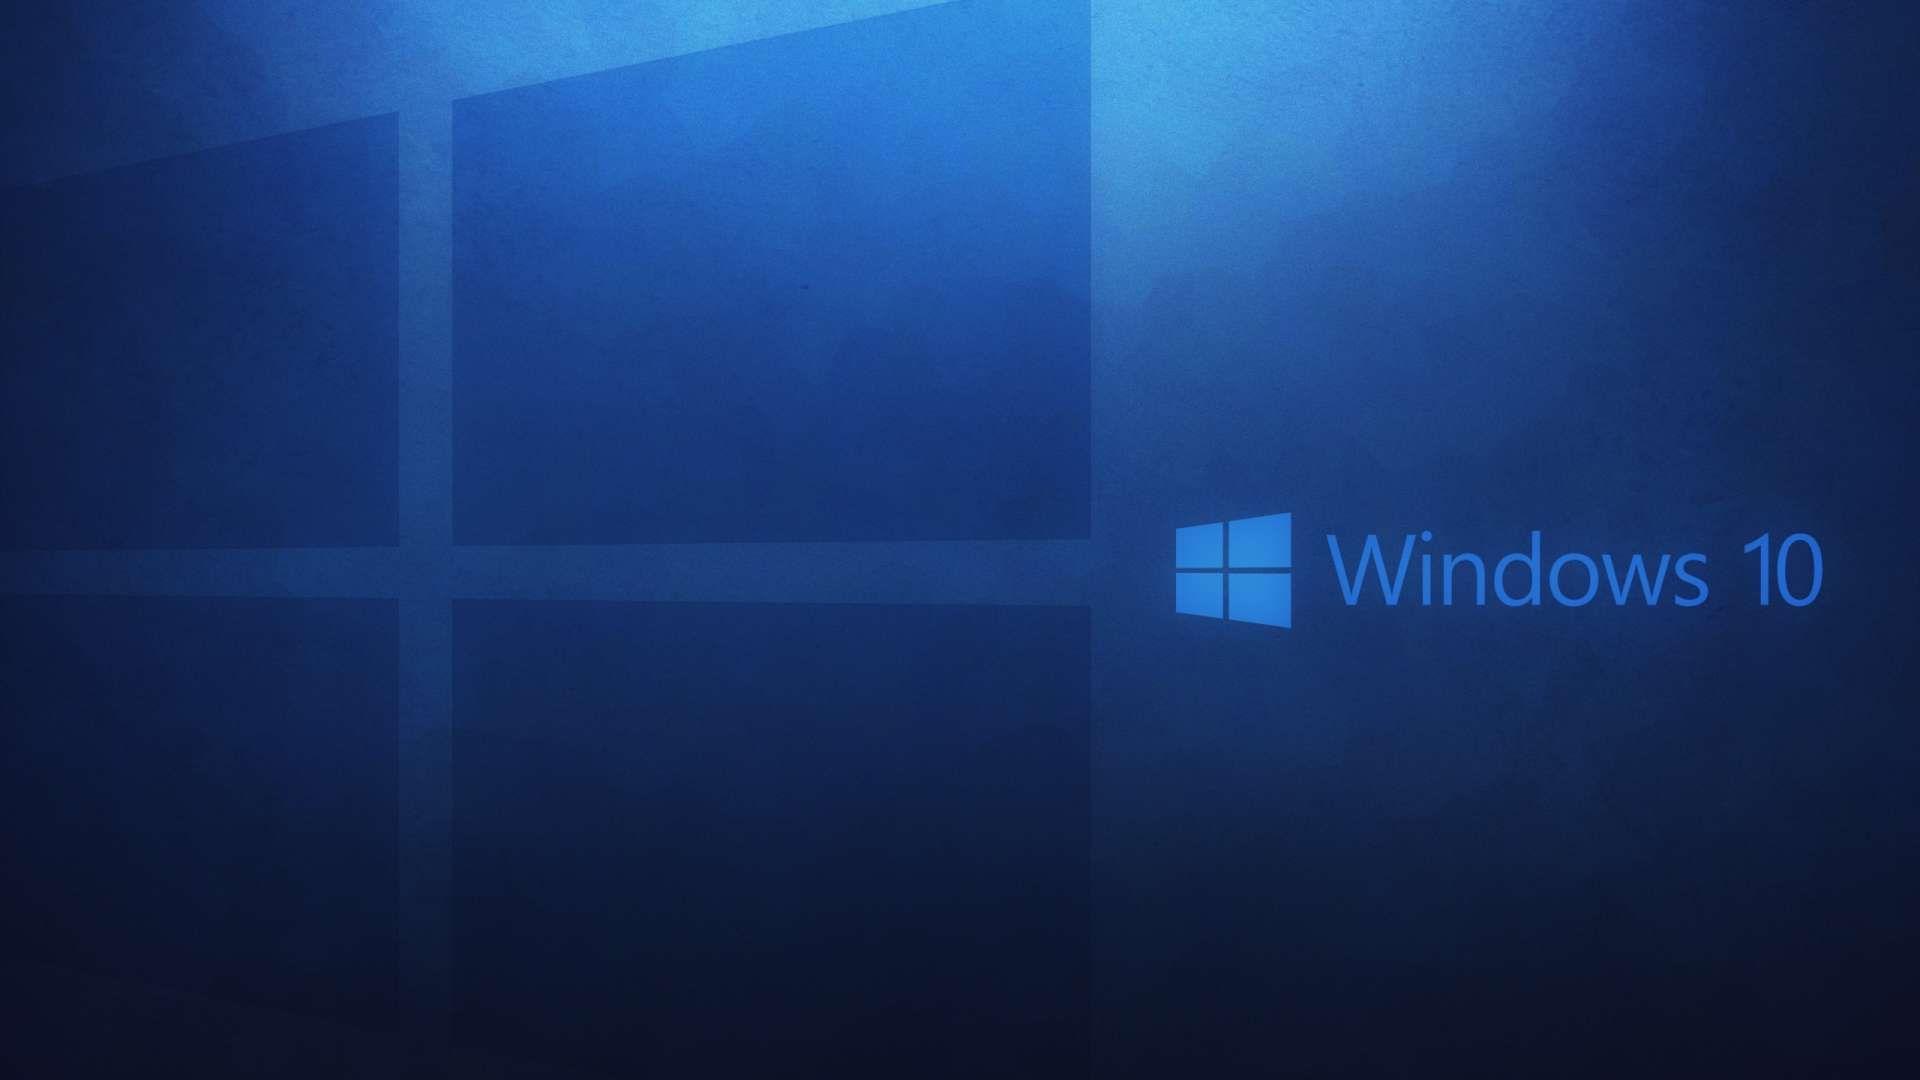 1920x1080 Windows 10 Wallpaper Http Hdwallpaper Info 1920x1080 Windows 10 Wallpaper Hd Wallpapers Wallpaper Windows 10 Windows 10 Microsoft Windows 10